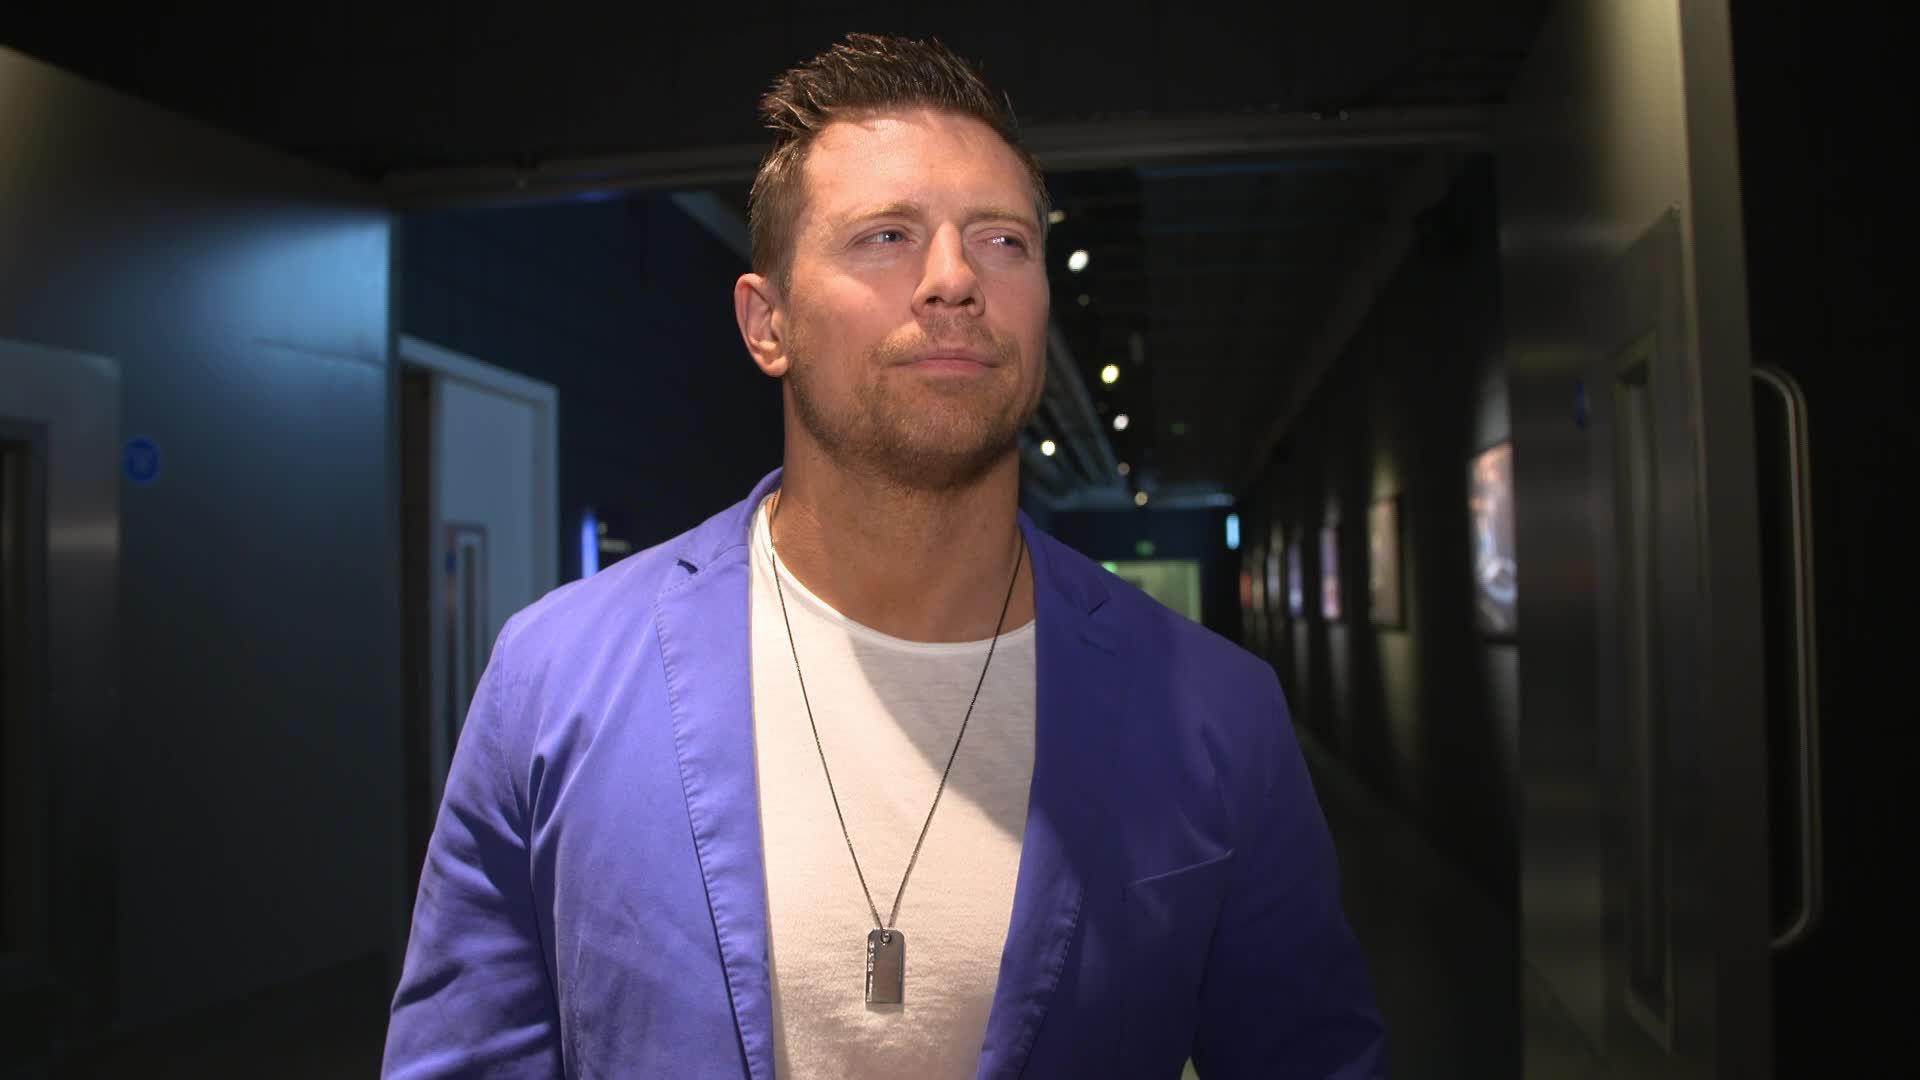 Roman Reigns et The Miz ont des ennemis communs: Exclusivité WWE.fr, 13 Mai 2019